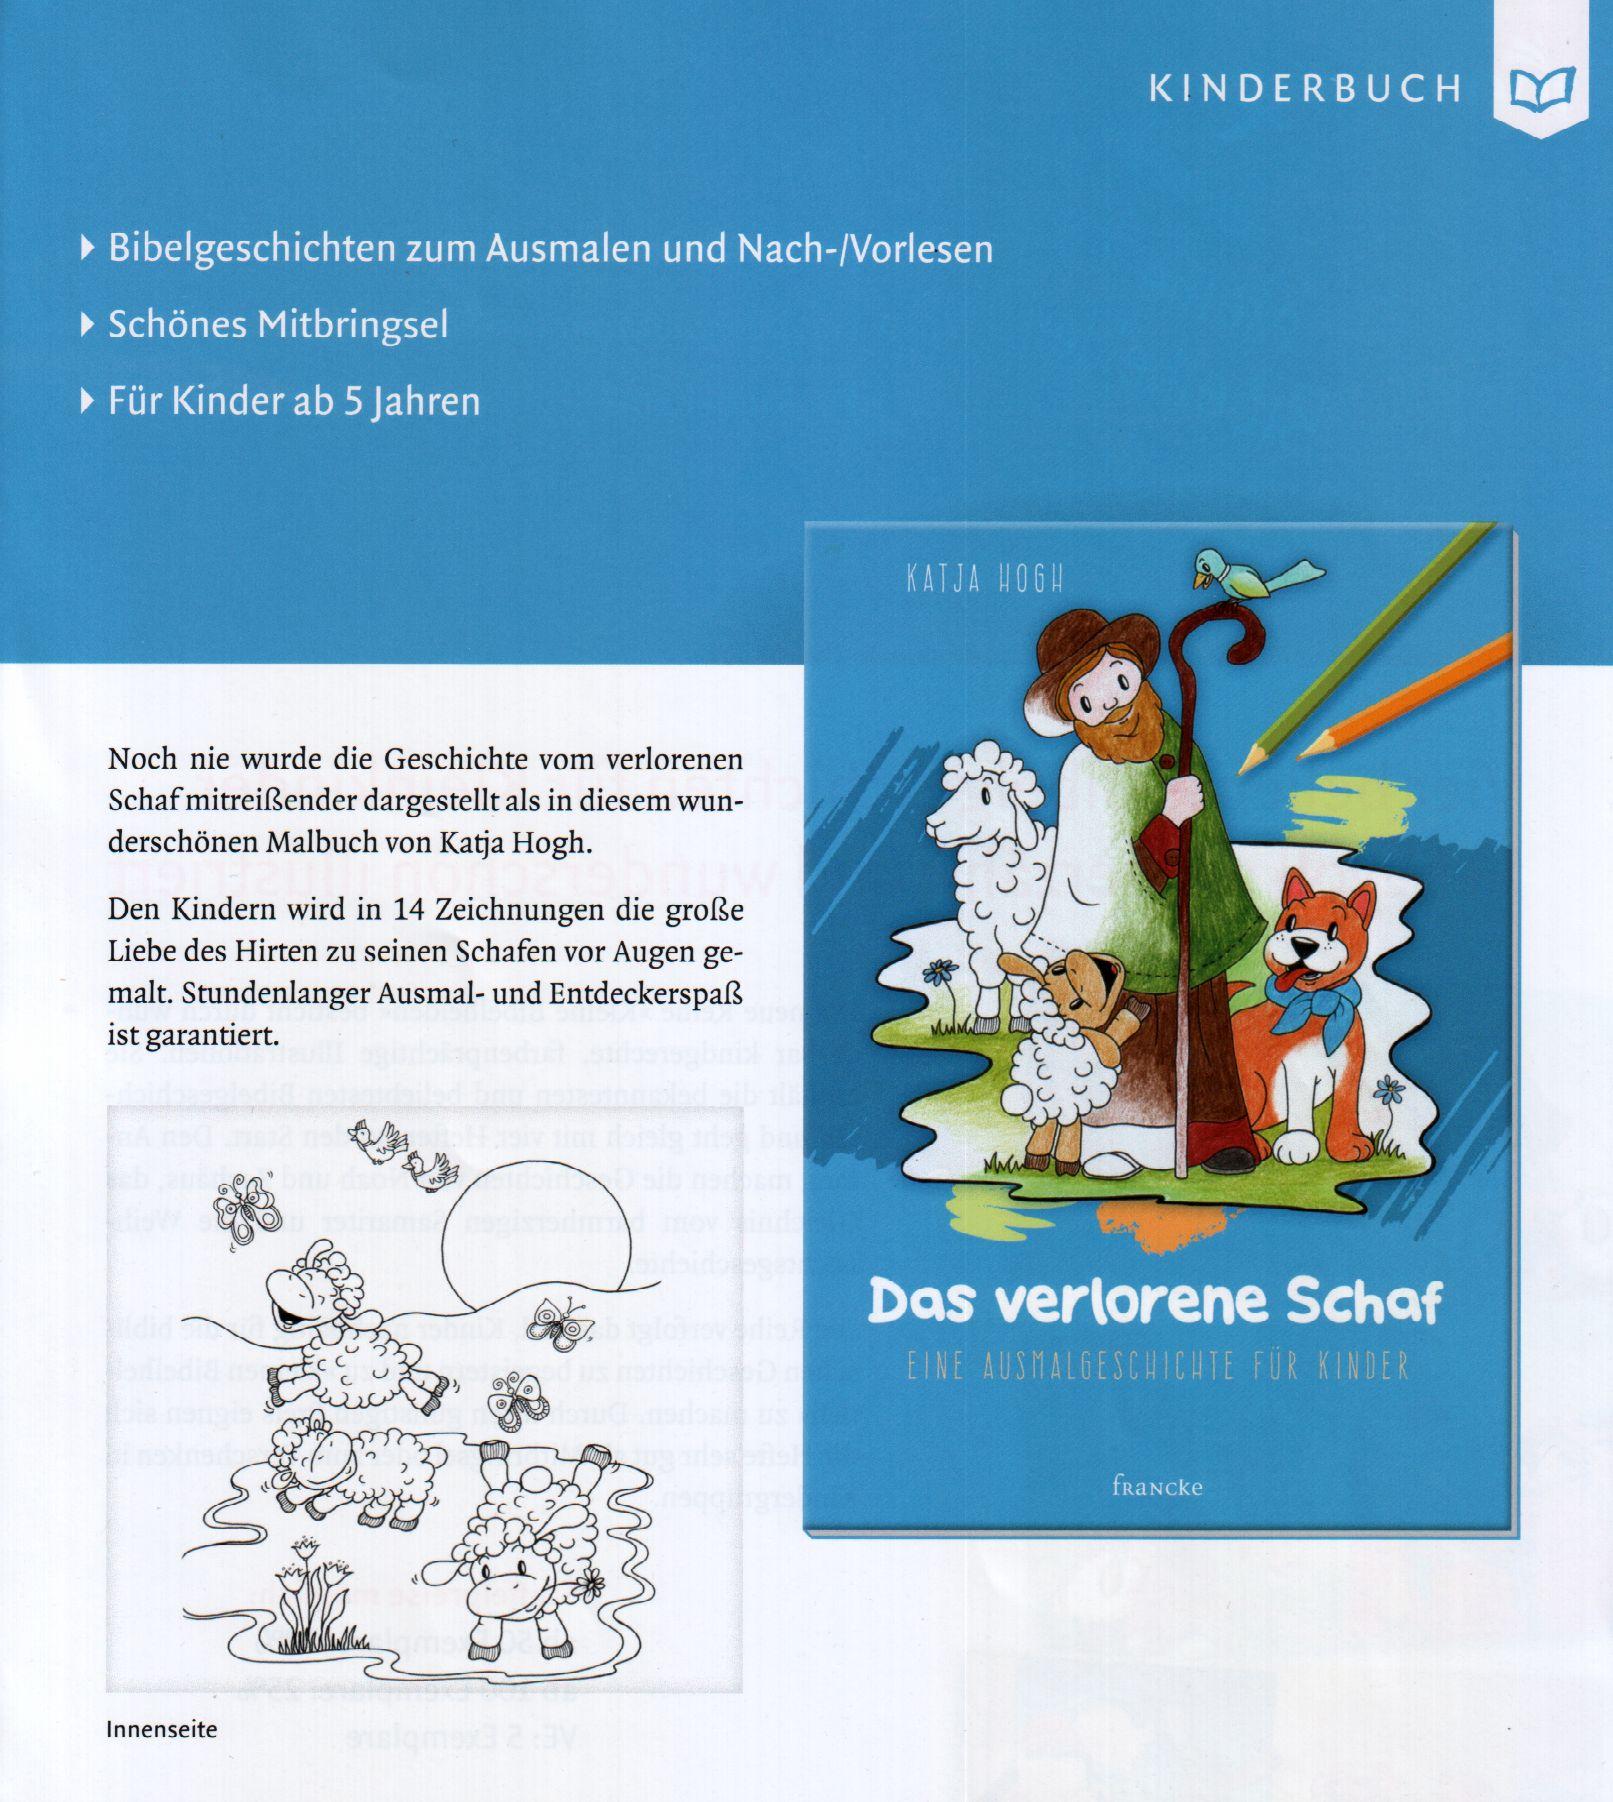 Das verlorene Schaf - Malbuch für Kinder